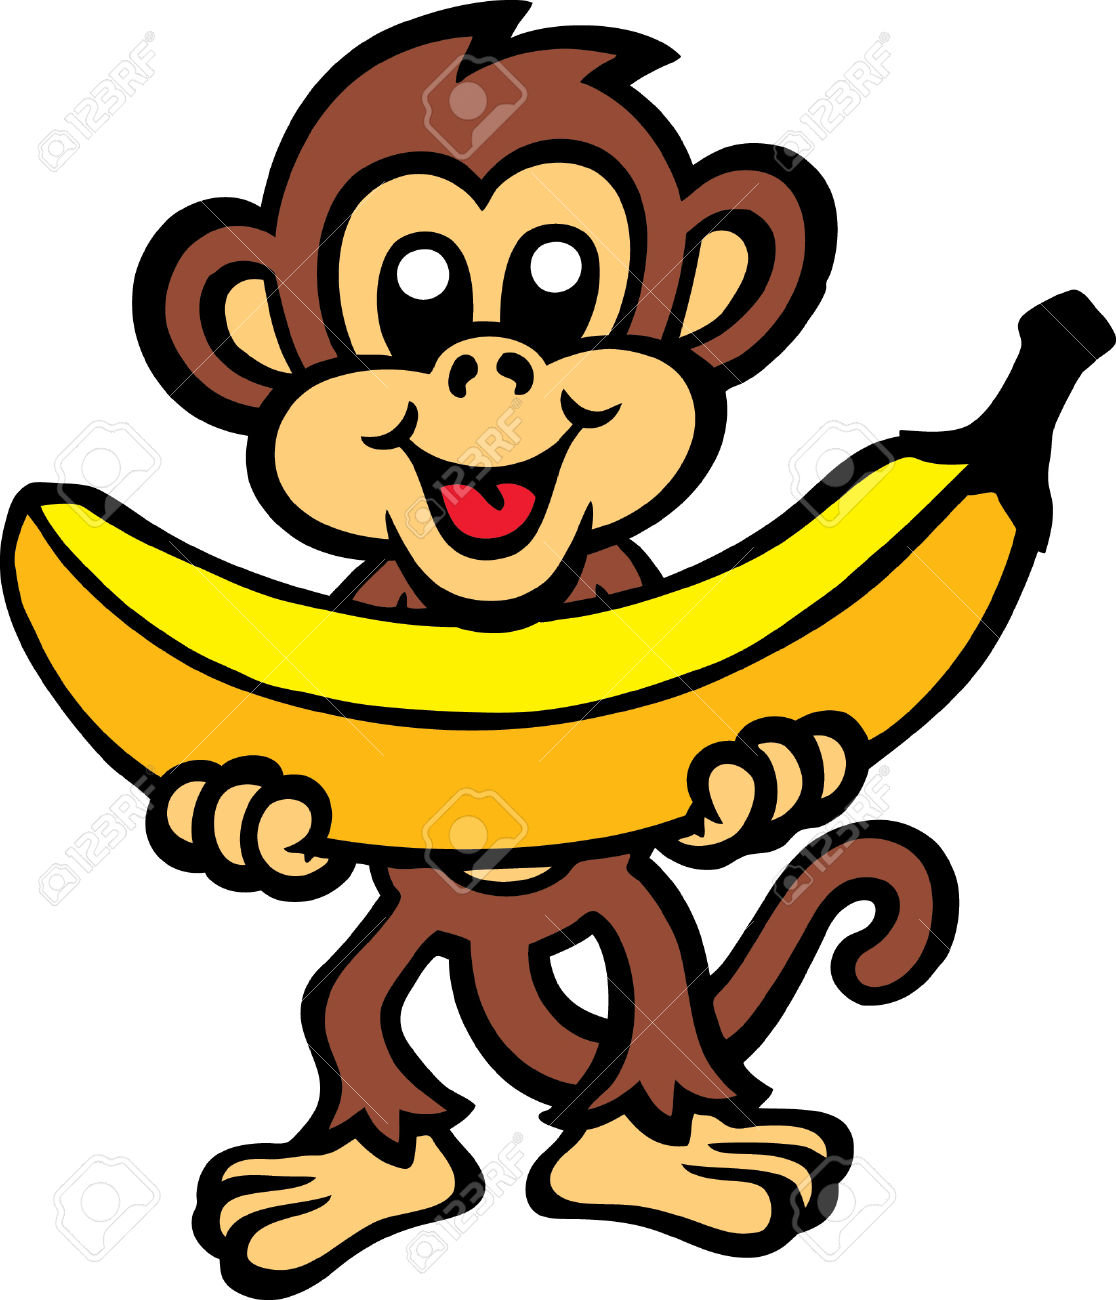 картинки обезьянка с бананами любом случае внешний